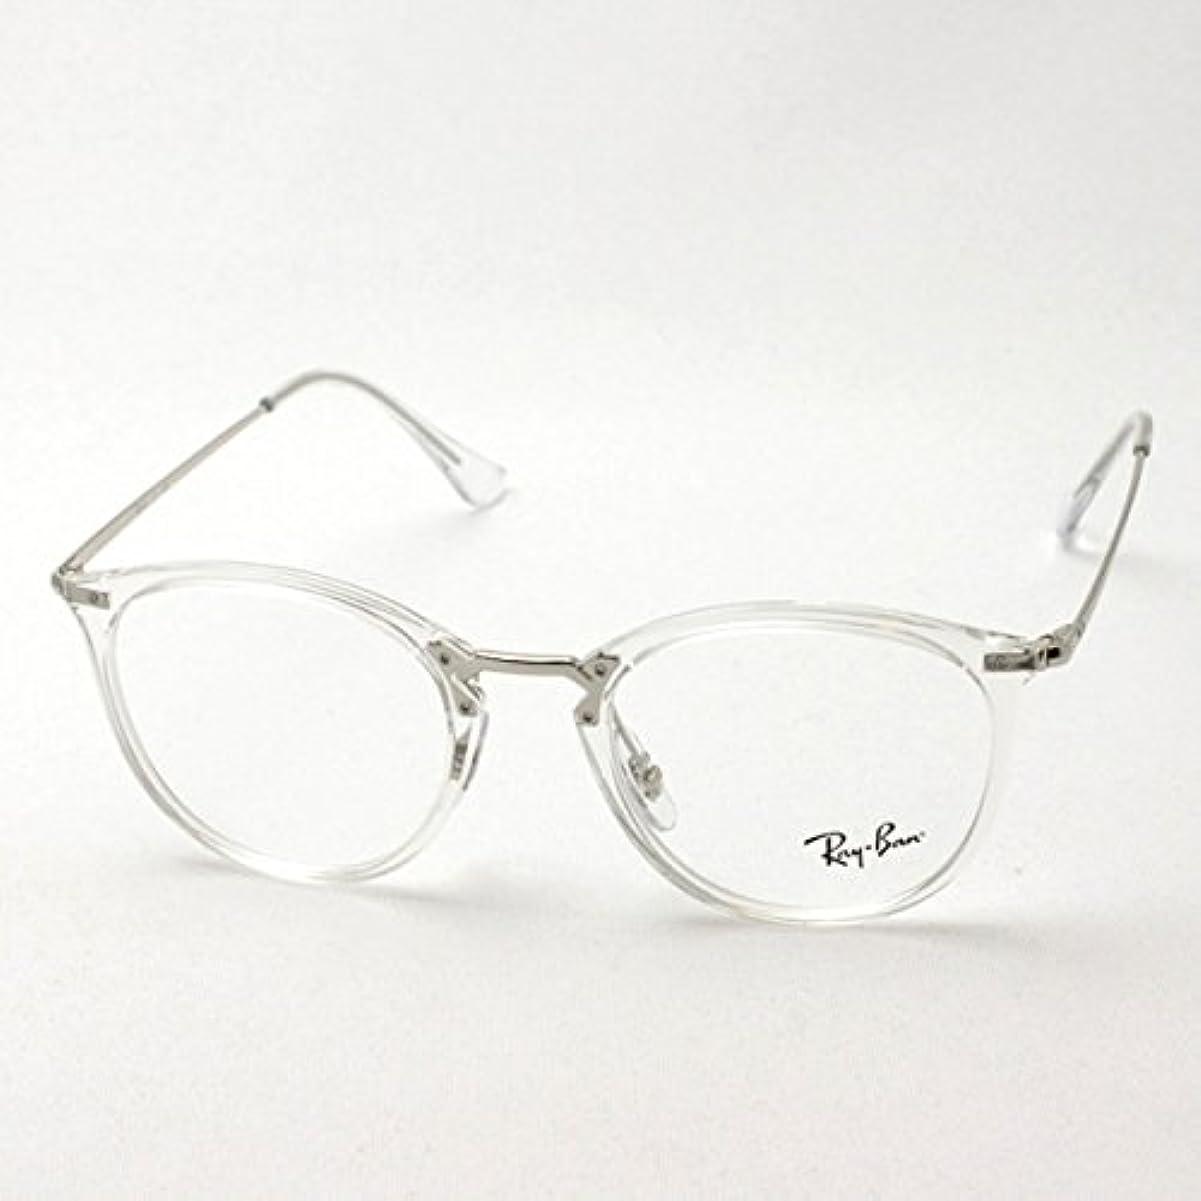 国旗簡潔な添付【レイバン正規商品販売店】 RayBan レイバン メガネ 伊達メガネ 眼鏡 ダテメガネ RX7140